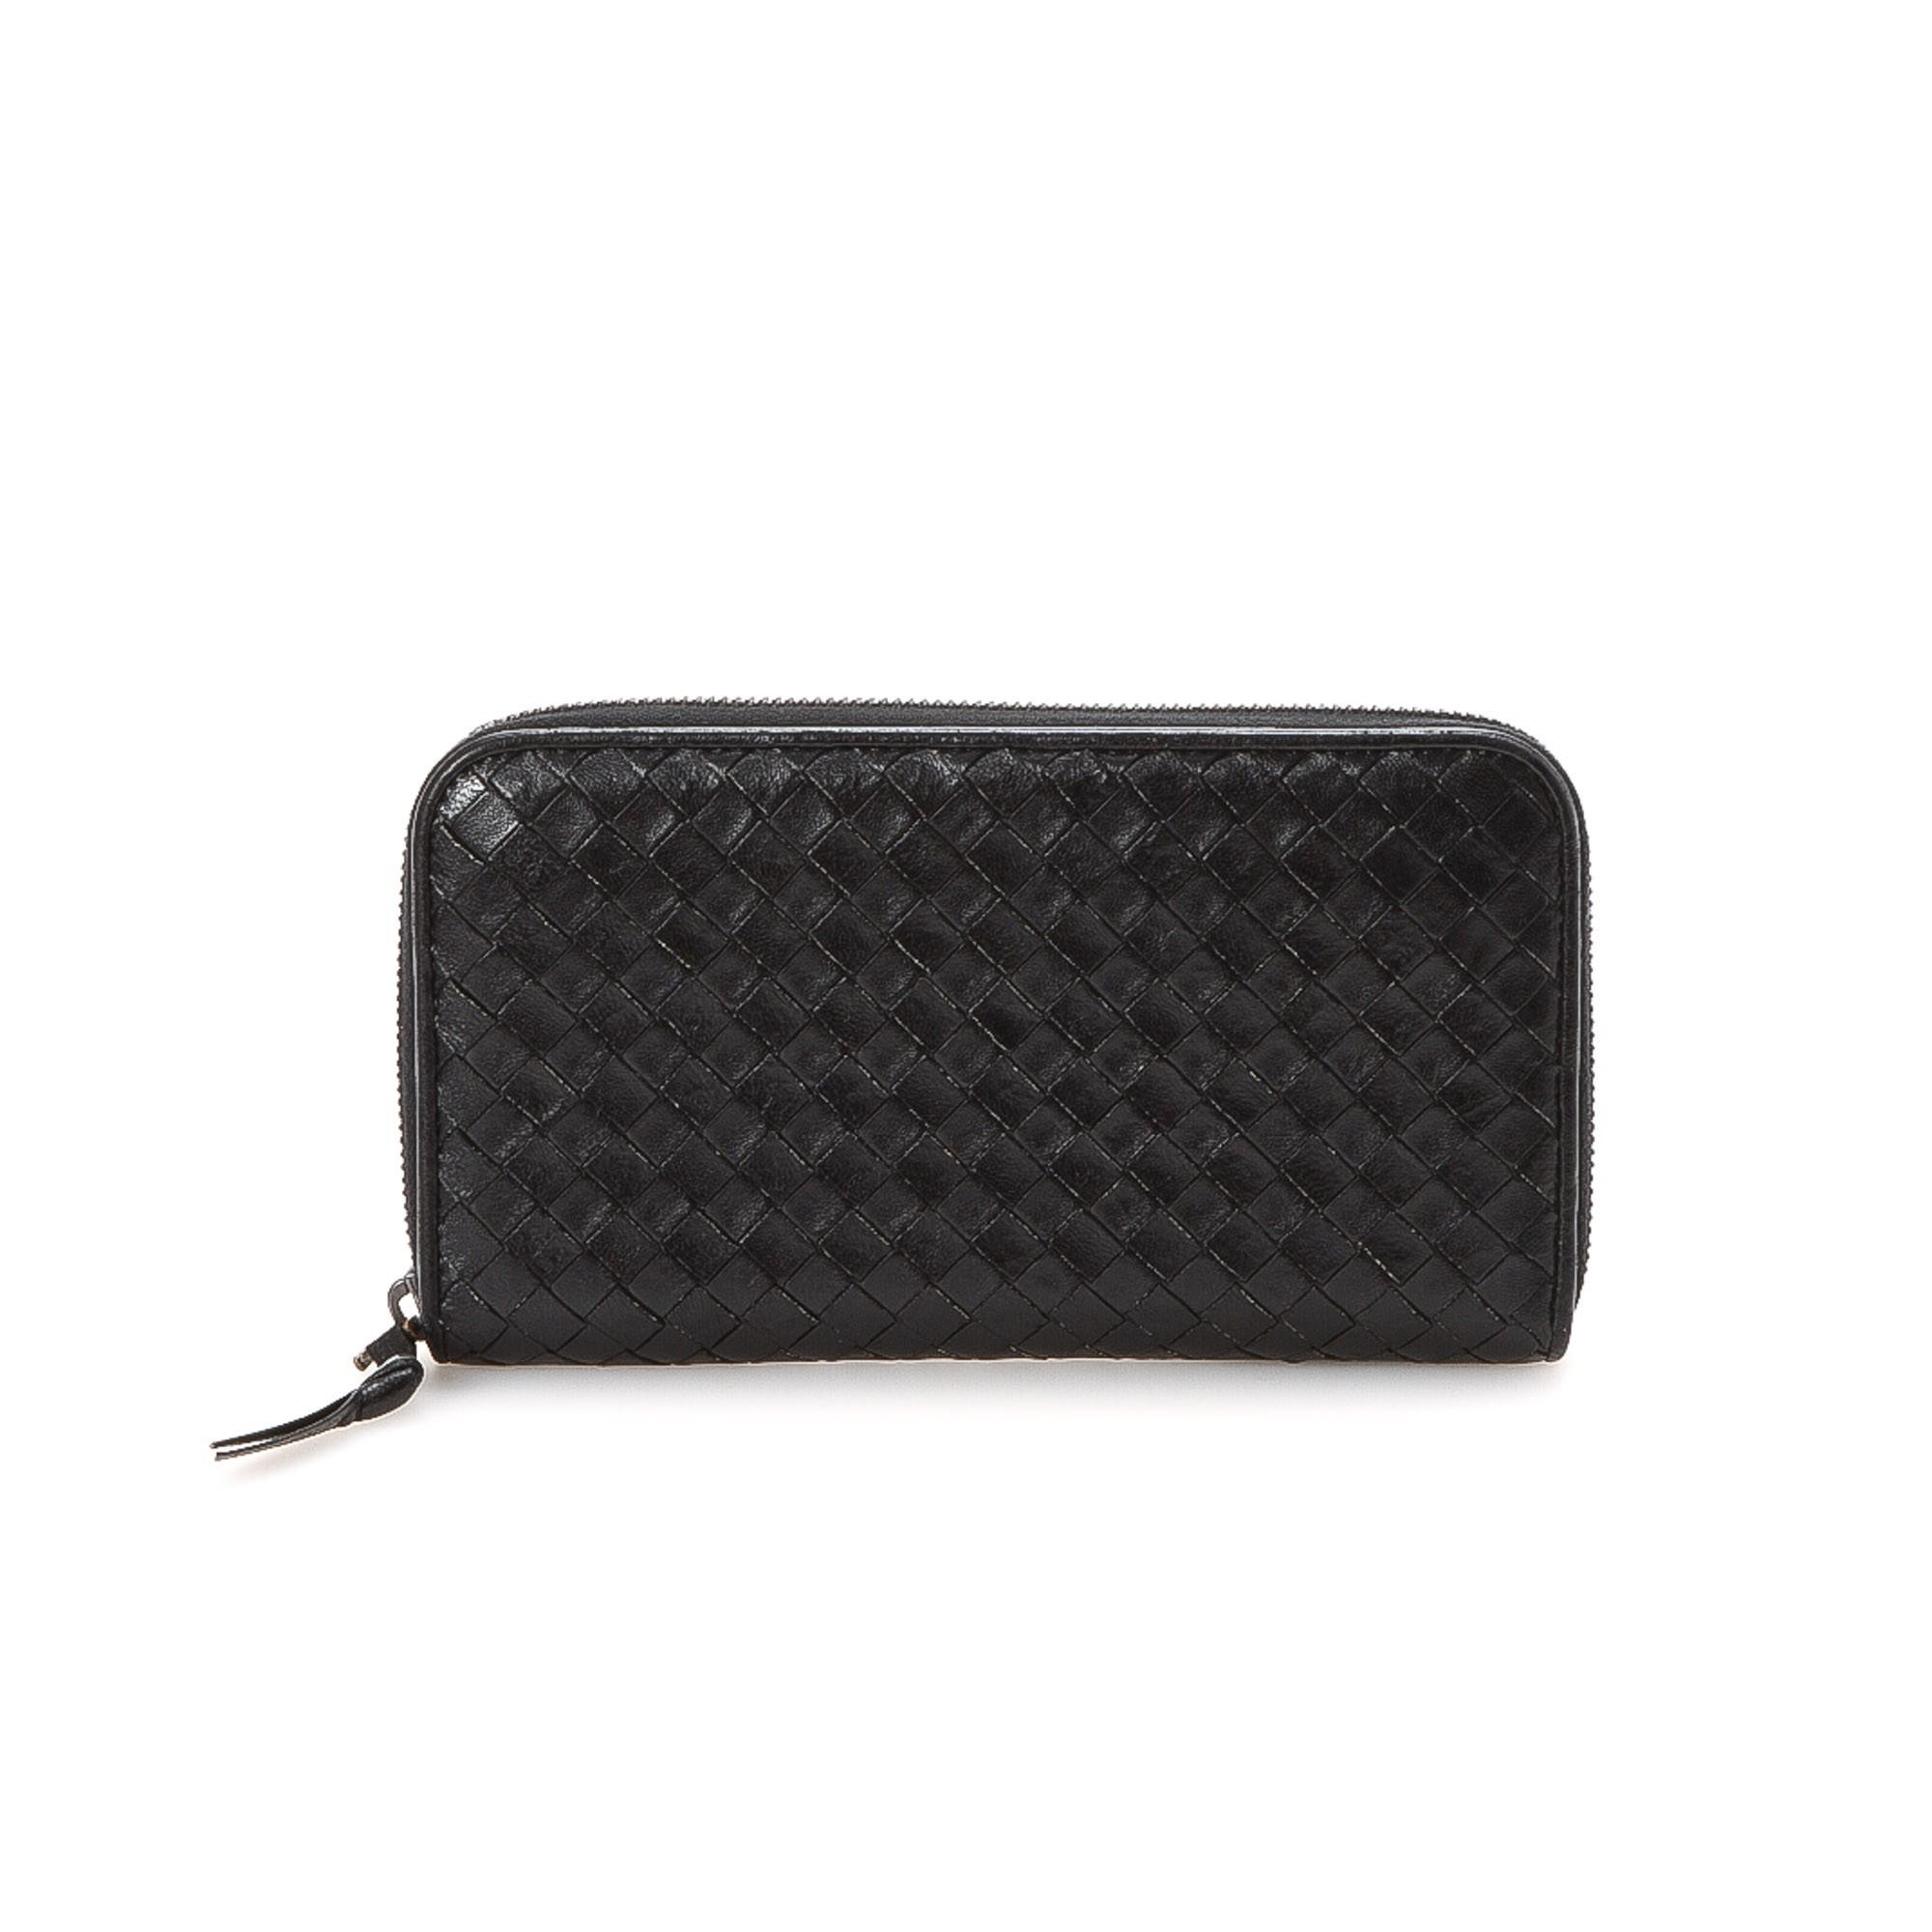 buy black leather bottega veneta wallet at lxr co. Black Bedroom Furniture Sets. Home Design Ideas